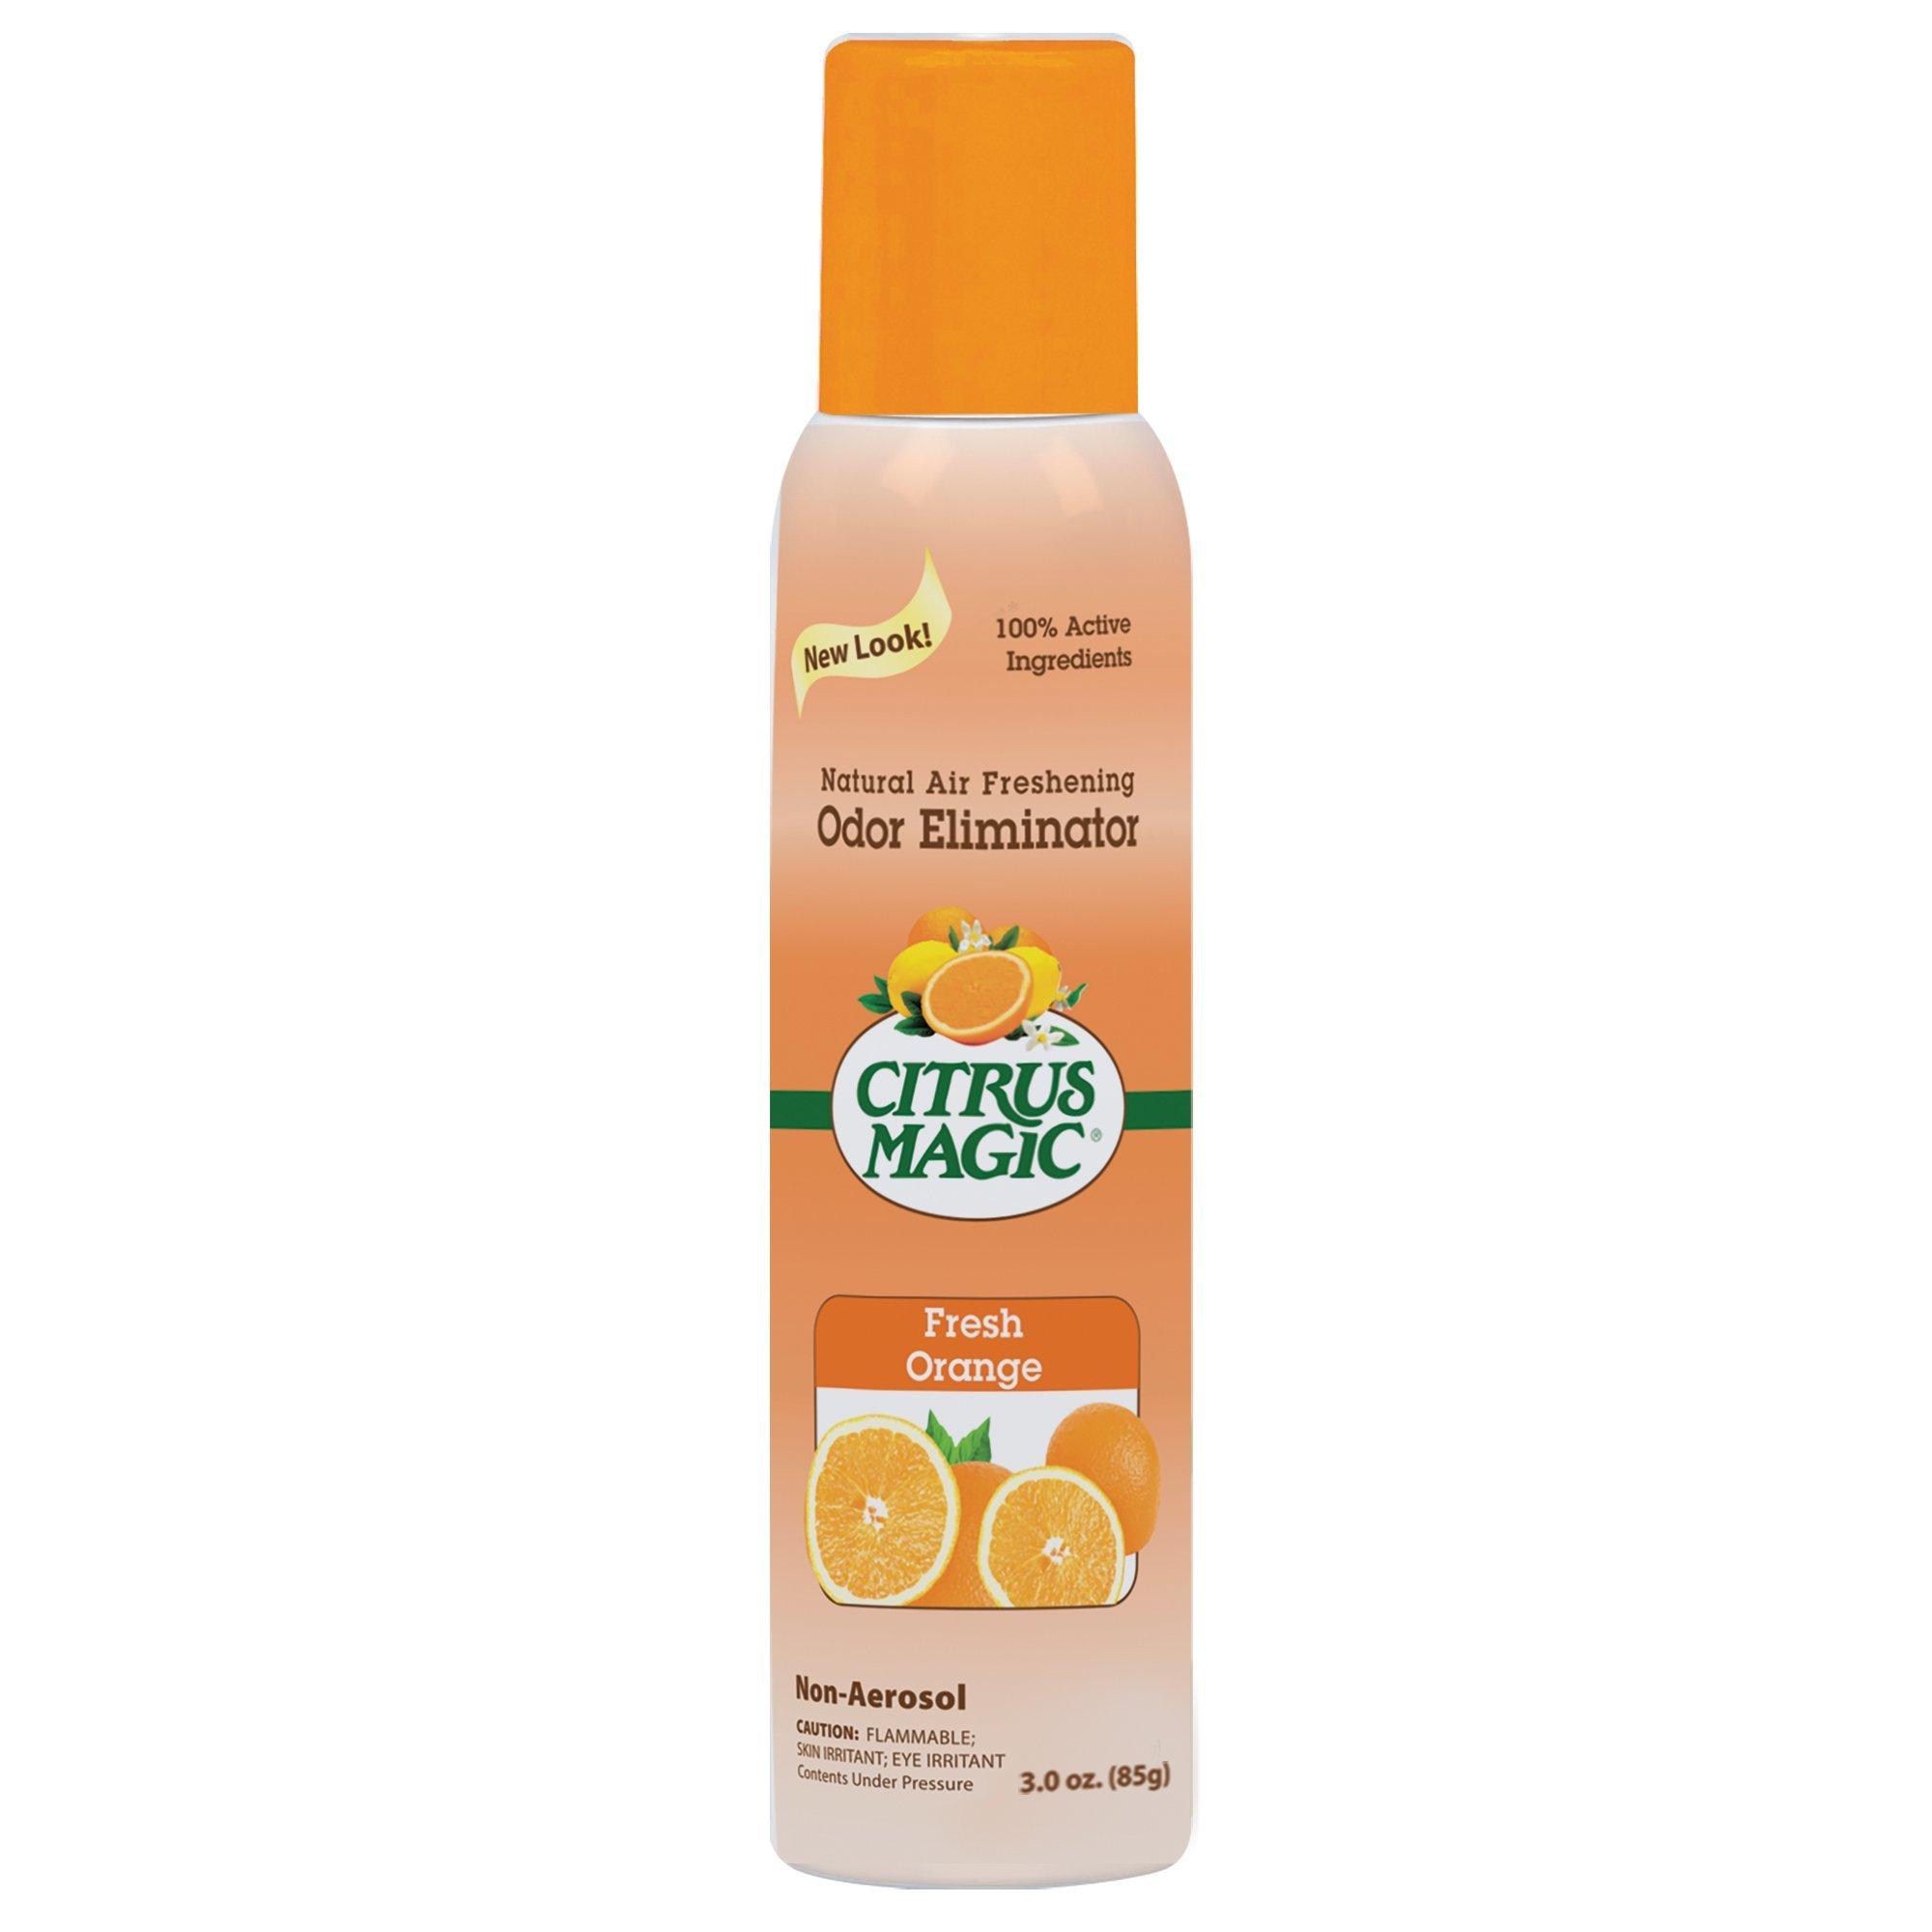 Citrus Magic Air Freshener Orange - 3.5 oz by Citrus Magic